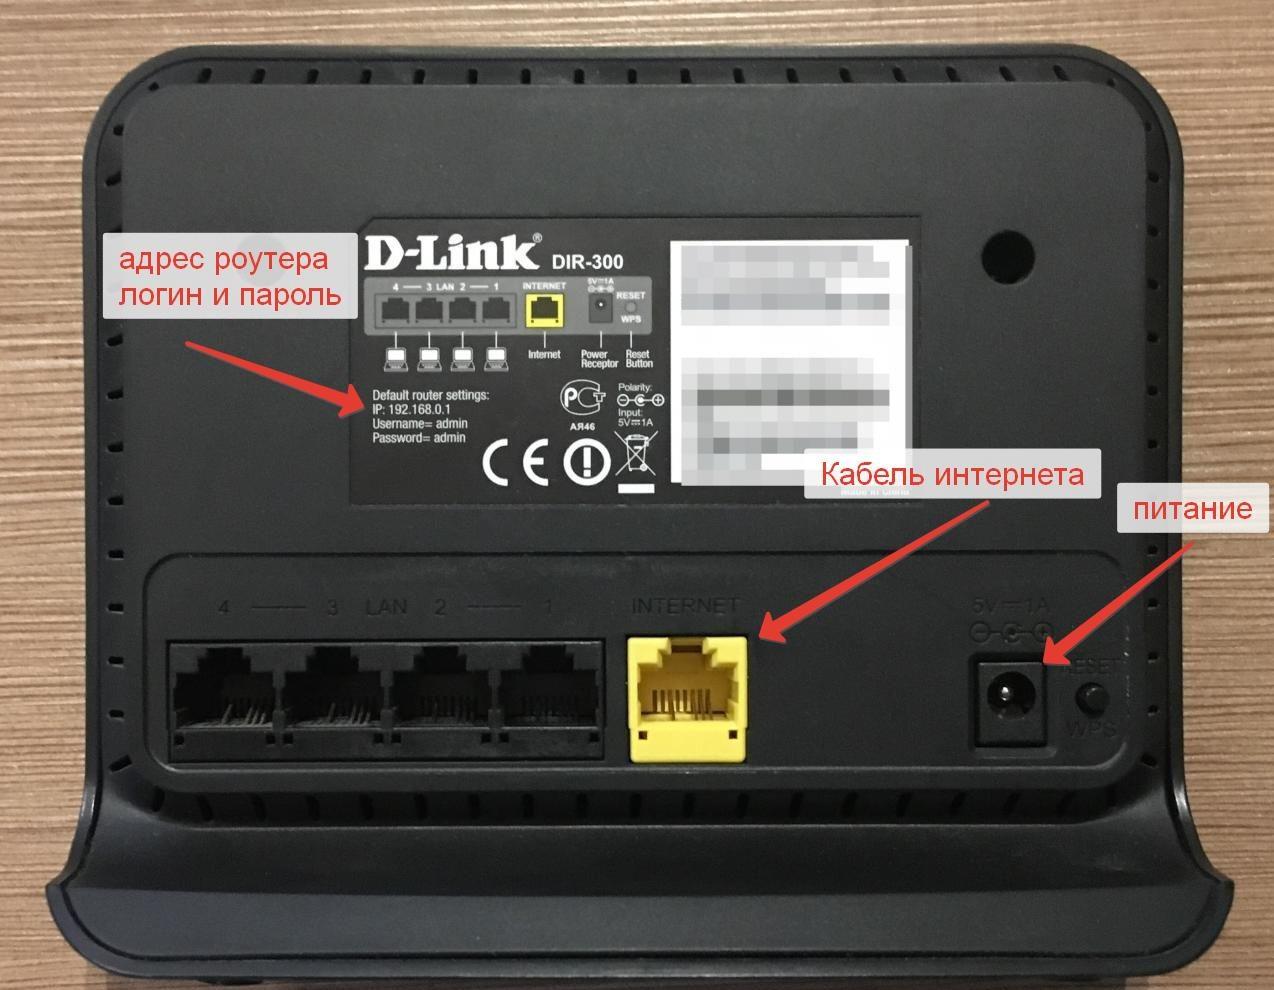 Как настроить роутер D-link